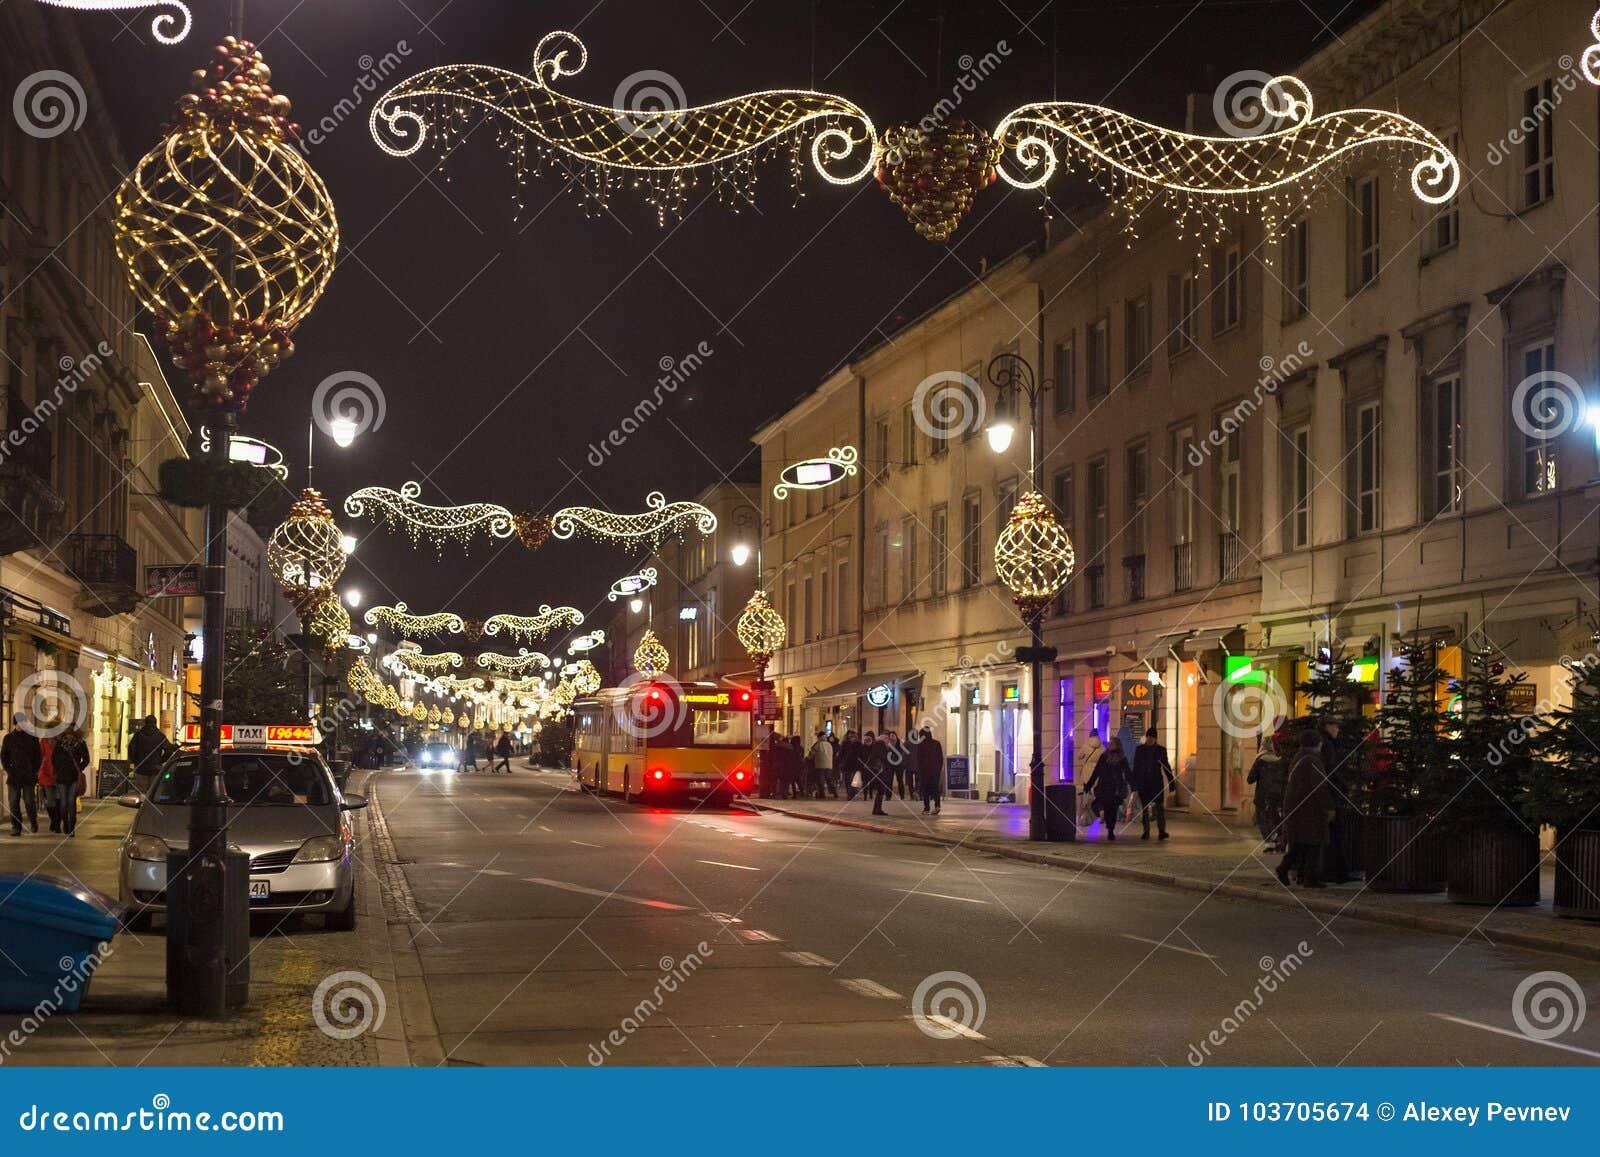 VARSOVIE, POLOGNE - 2 JANVIER 2016 : Vue de nuit de la rue de Nowy Swiat dans la décoration de Noël